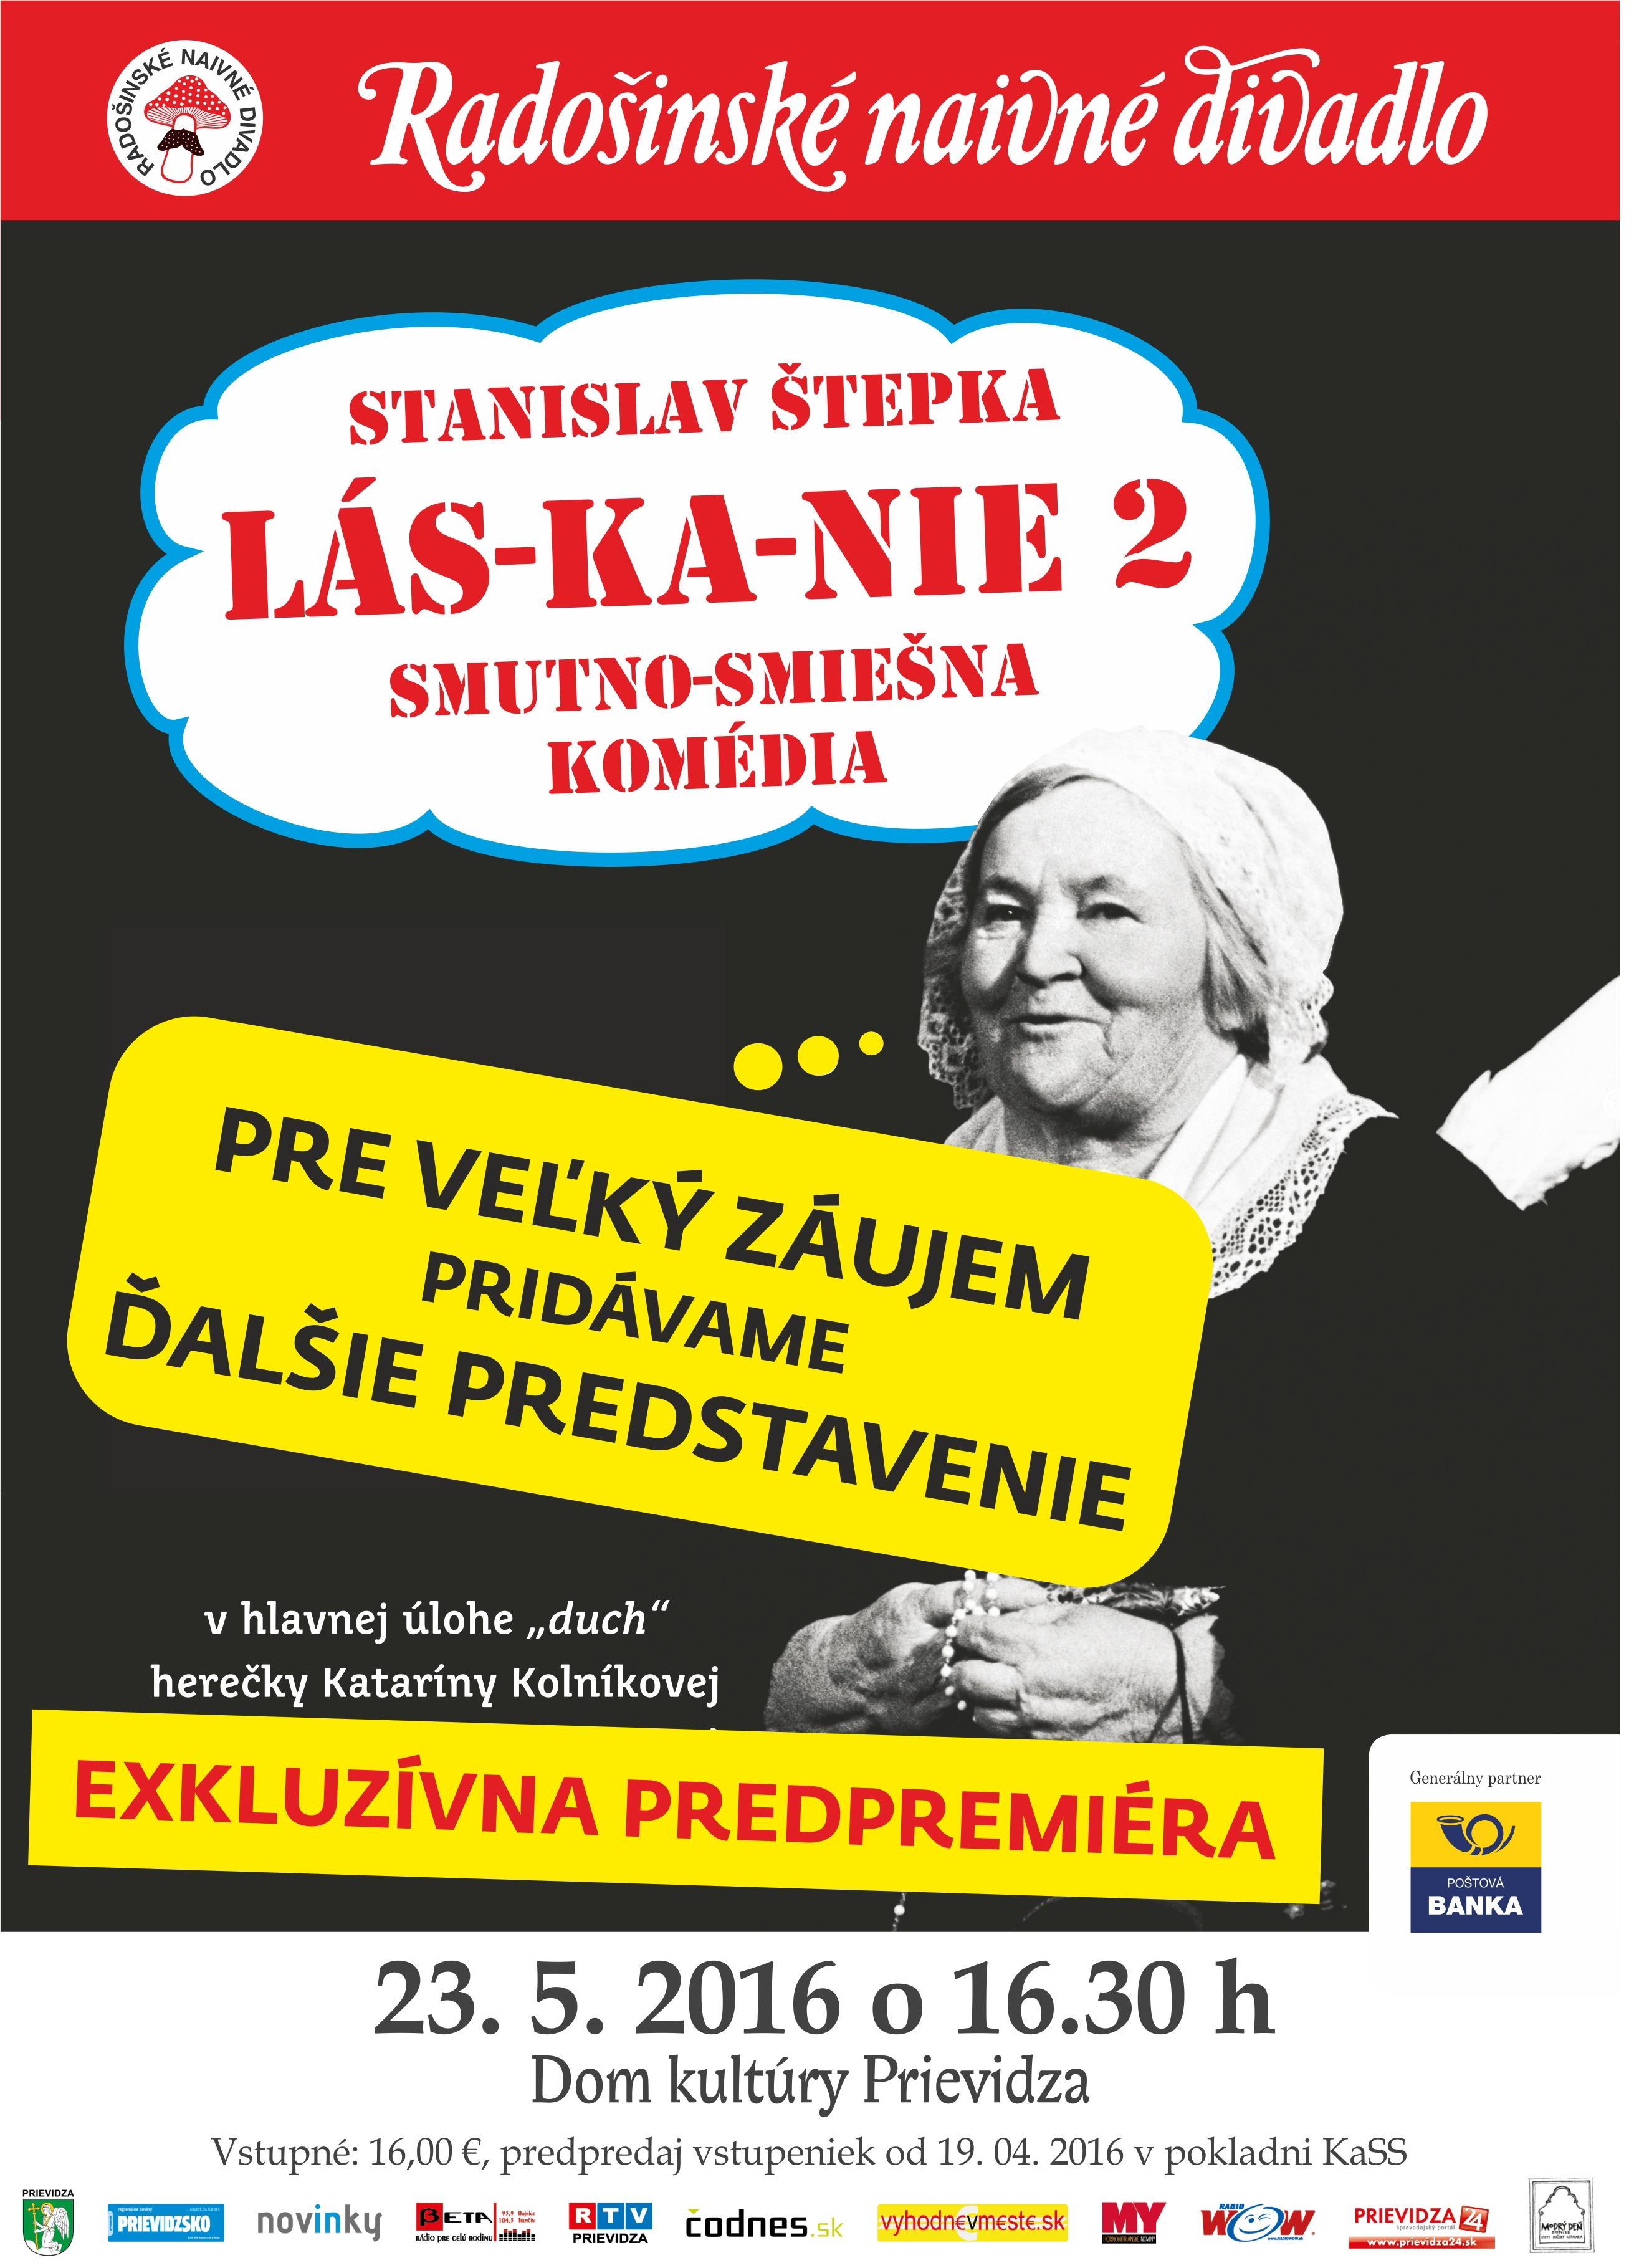 Ďalšie predstavenie predpremiéry Lás-ka-nie 2 v podaní Radošincov